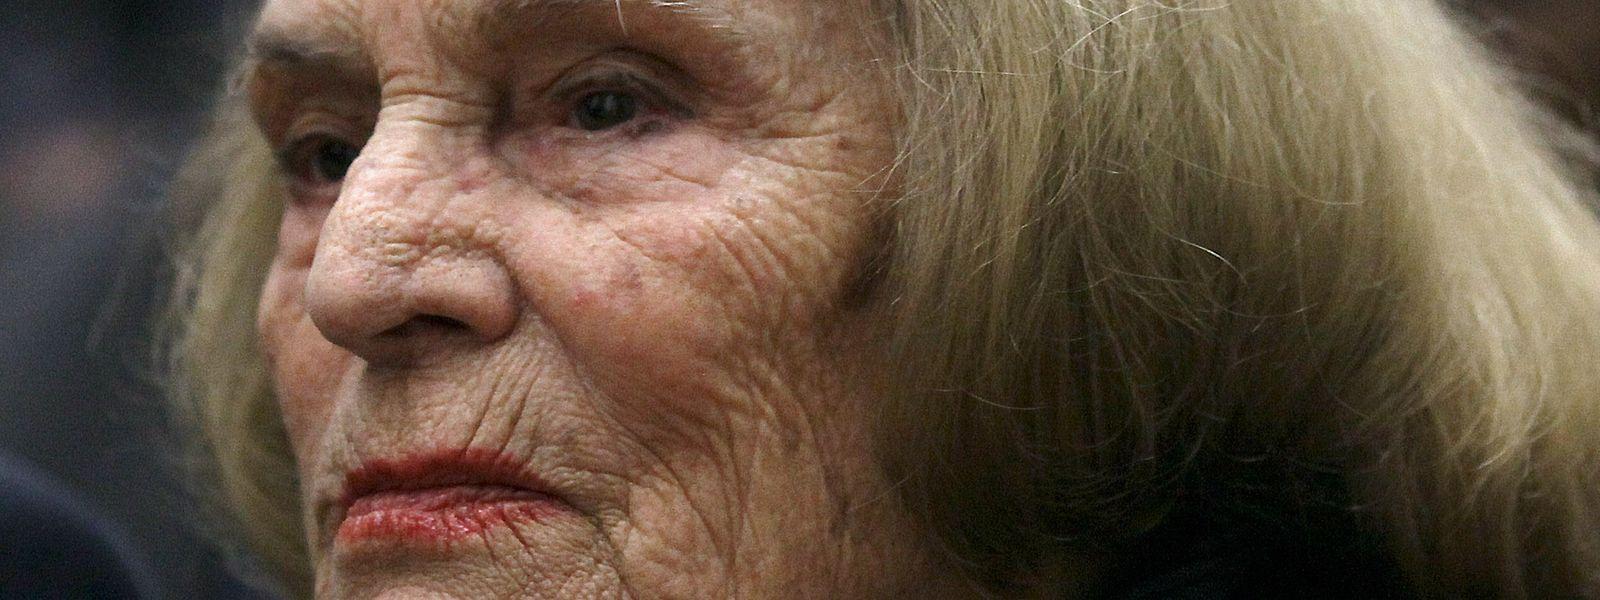 Celeste Rodrigues, fadista portuguesa e irmã de Amália Rodrigues, faleceu hoje aos 95 anos.